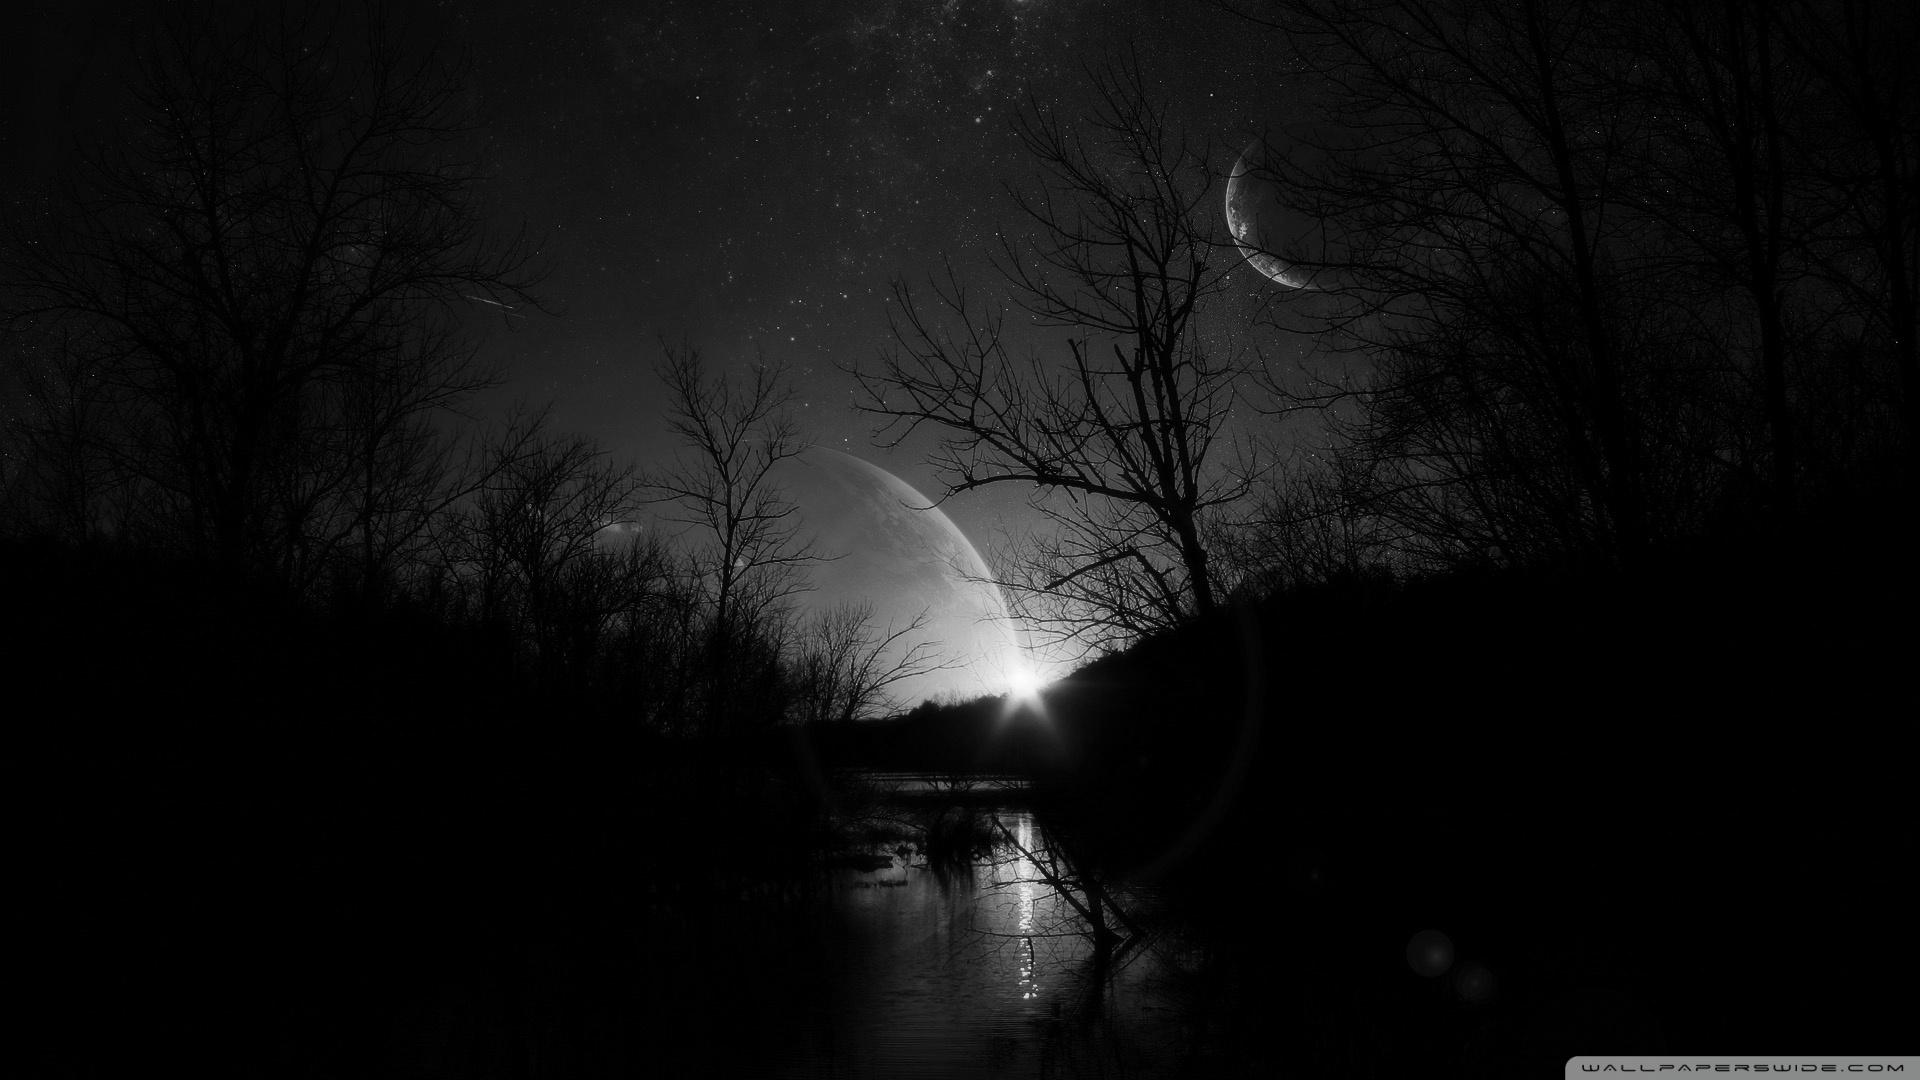 Dark Night HD desktop wallpaper : Widescreen : High Definition